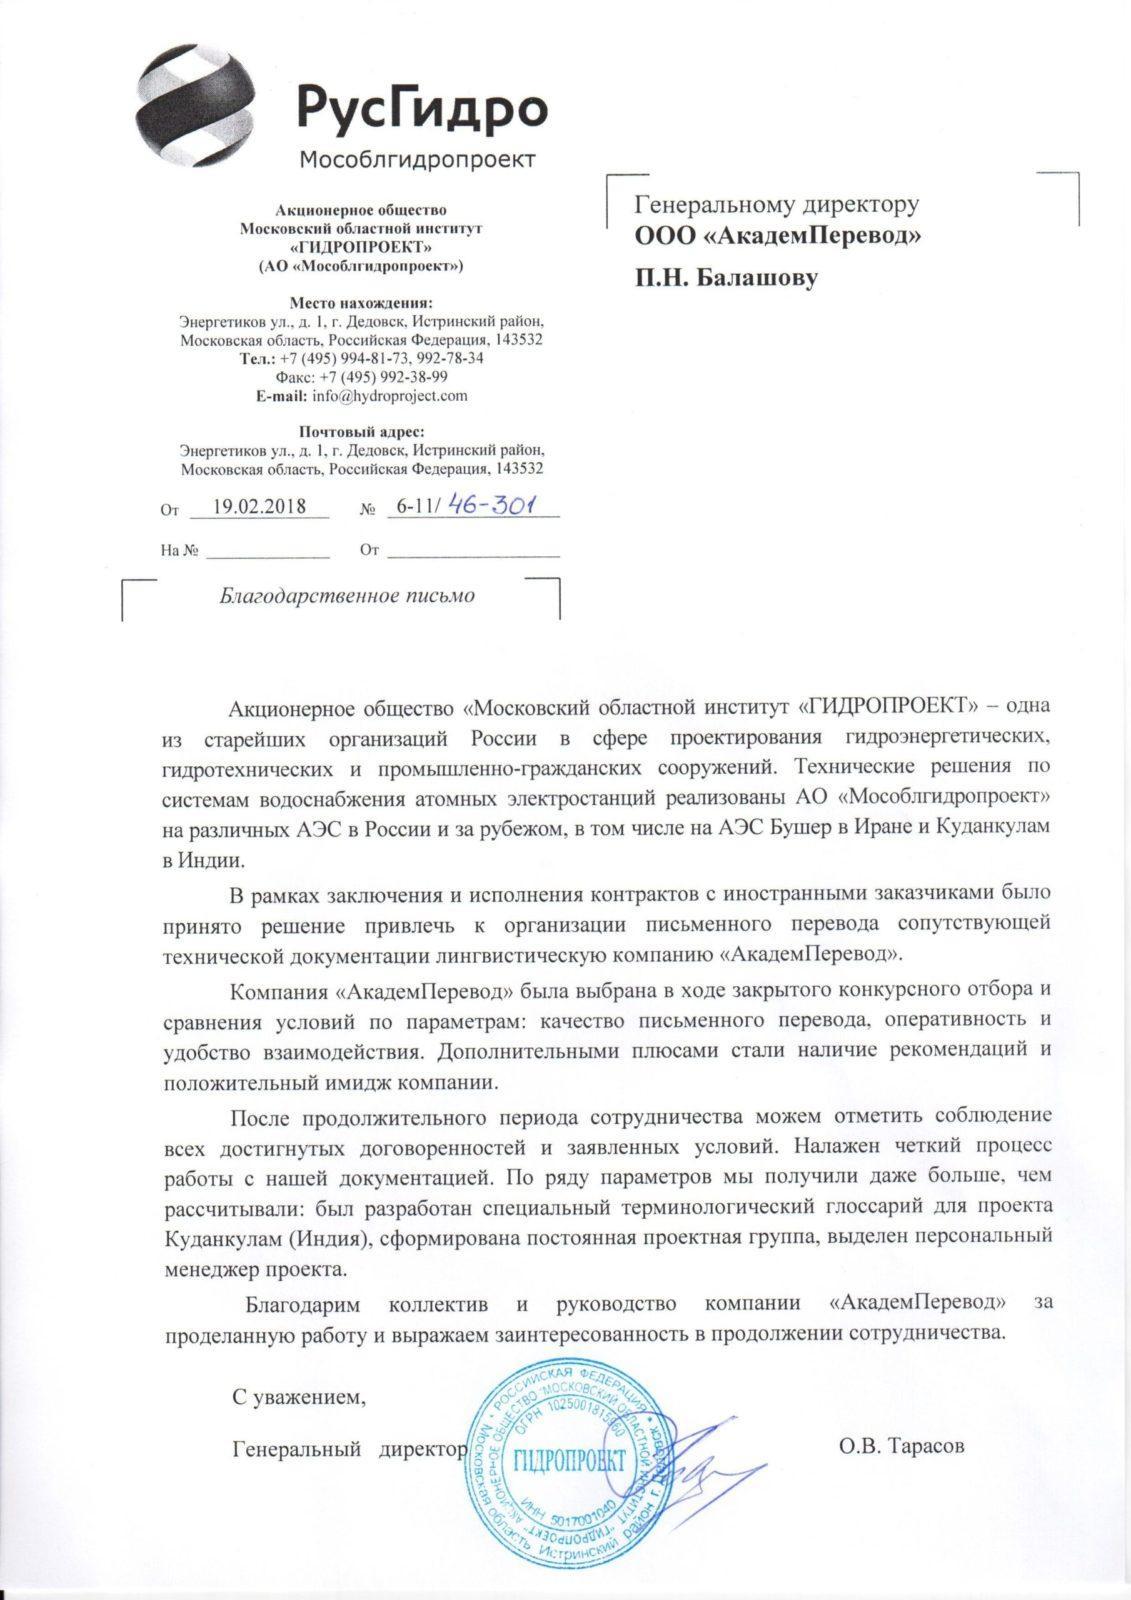 Рекомендательное письмо. Мособлгидропроект